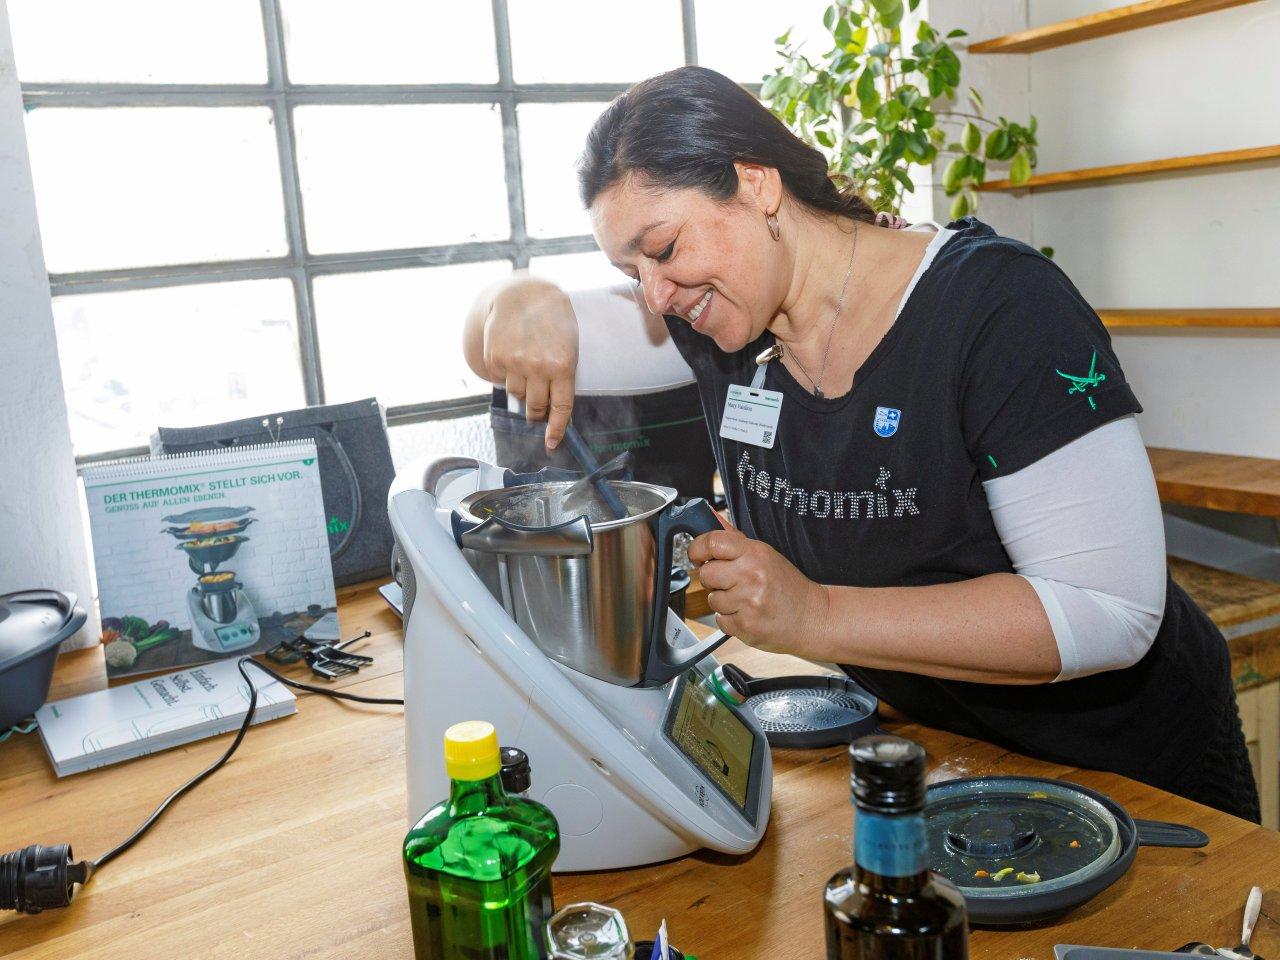 Mit Thermomix-Zubehör wird dein Kochen noch effizienter.